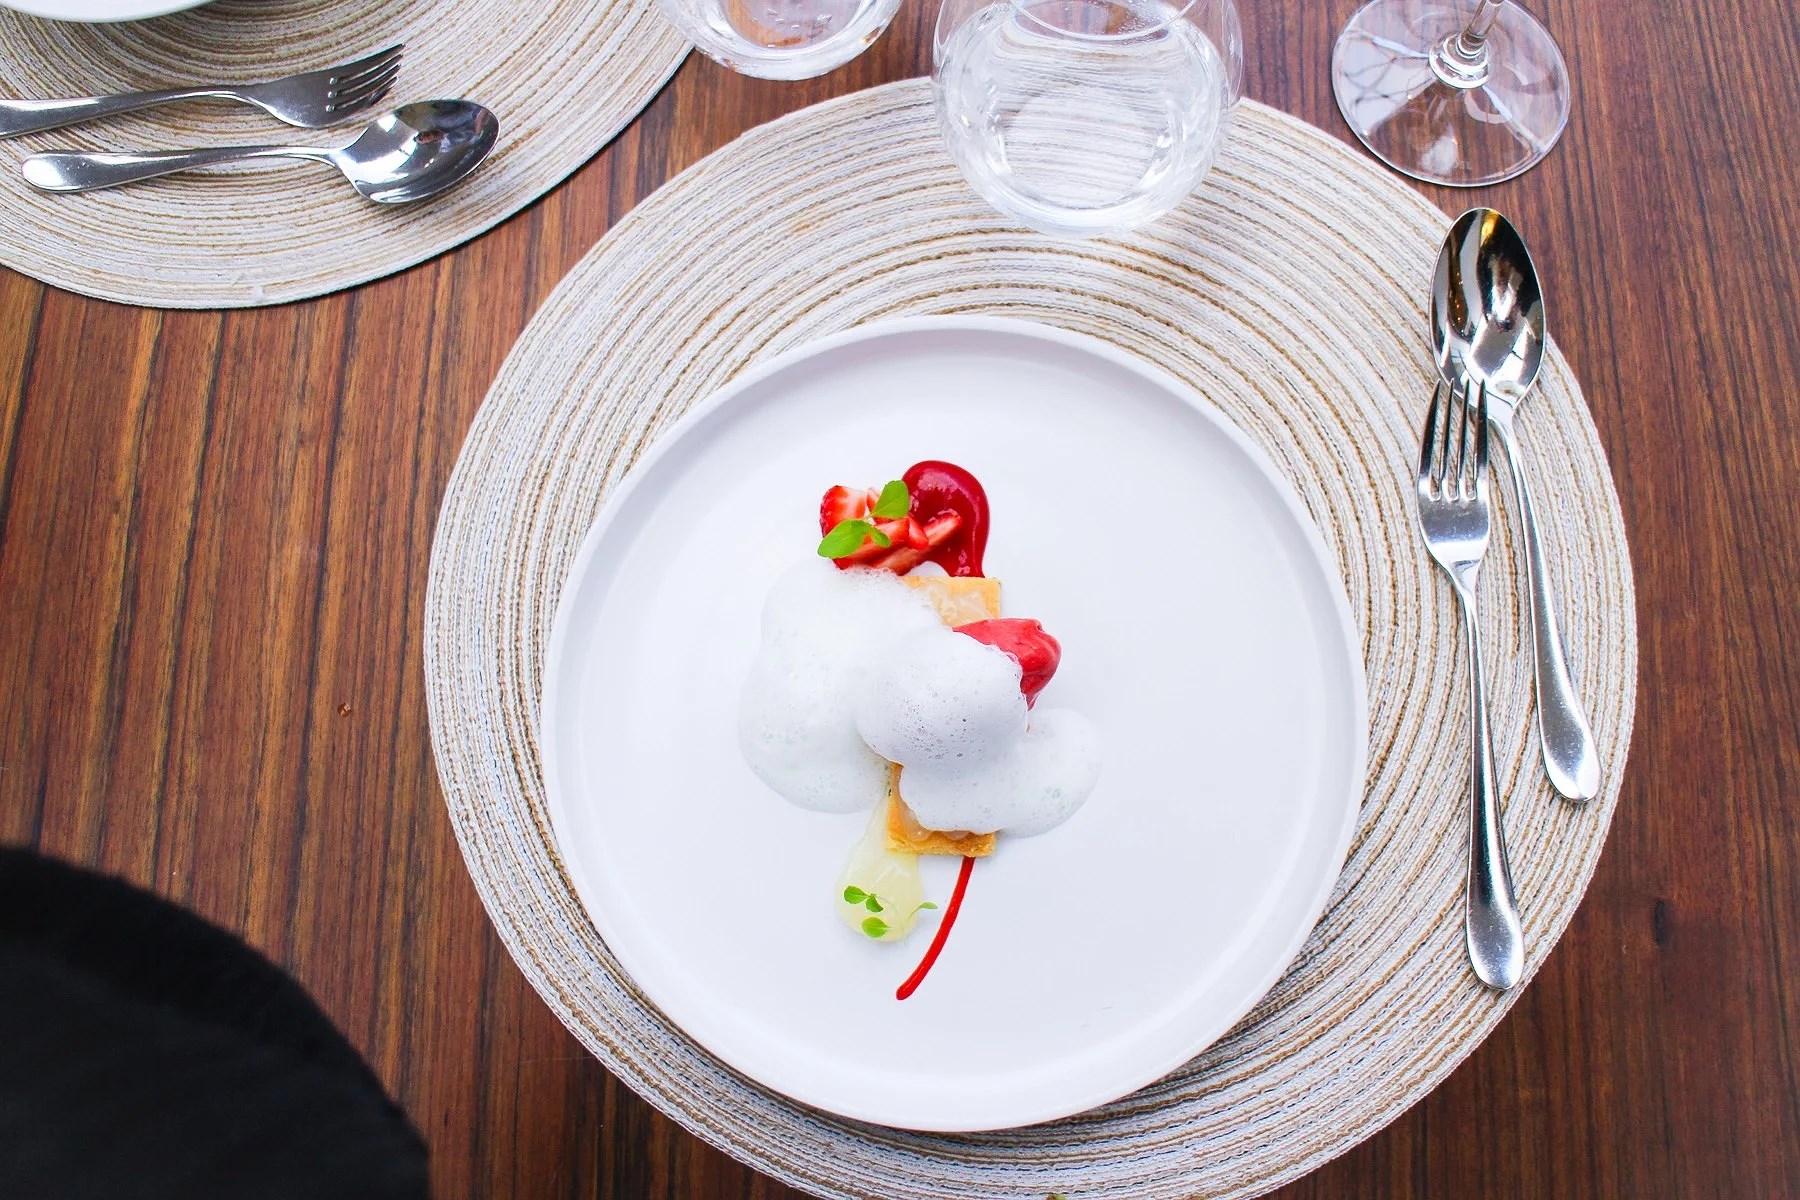 FÅTT JOBB PÅ FRANTZÉN! - Sveriges enda restaurang med 3 michelin stjärnor!